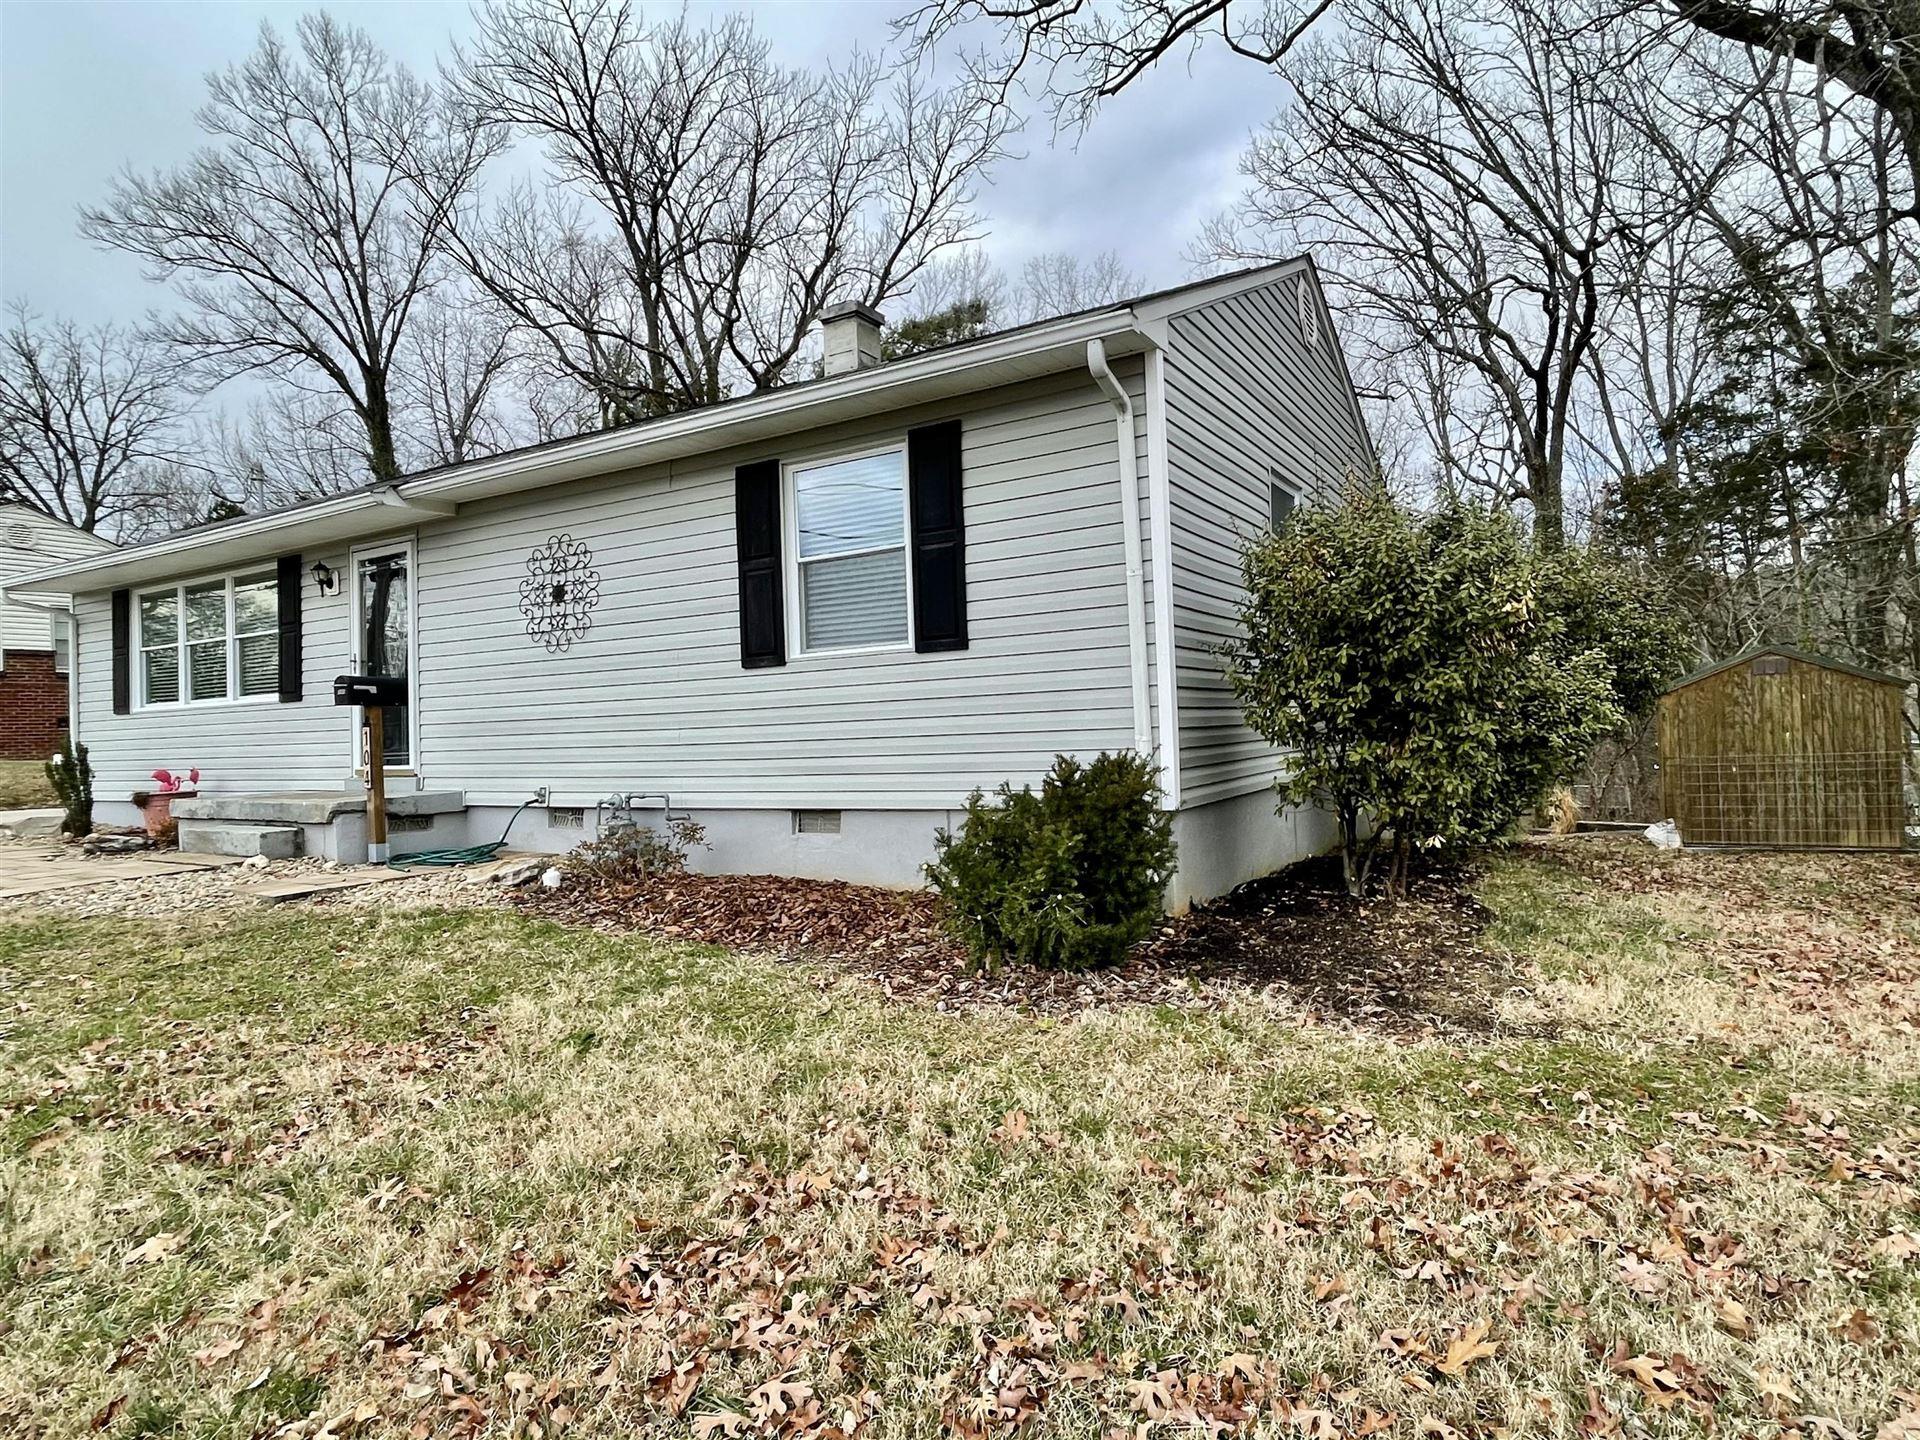 Photo of 104 W Arrowwood Rd, Oak Ridge, TN 37830 (MLS # 1138891)